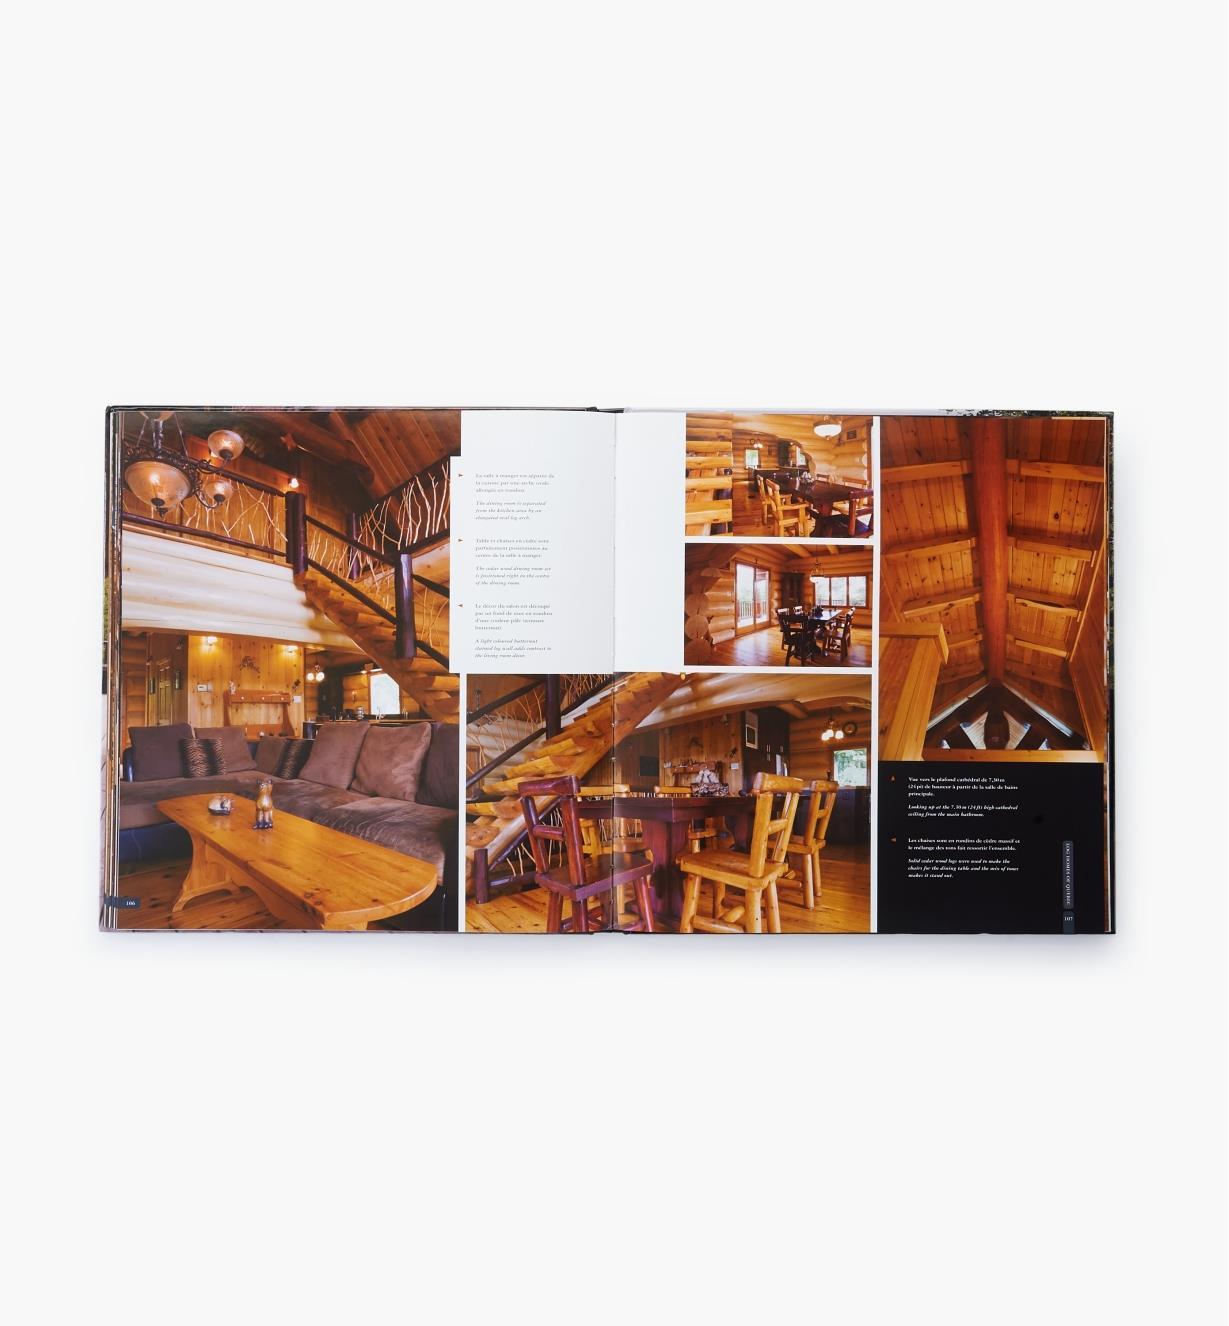 49L0208 - Log Homes of Québec